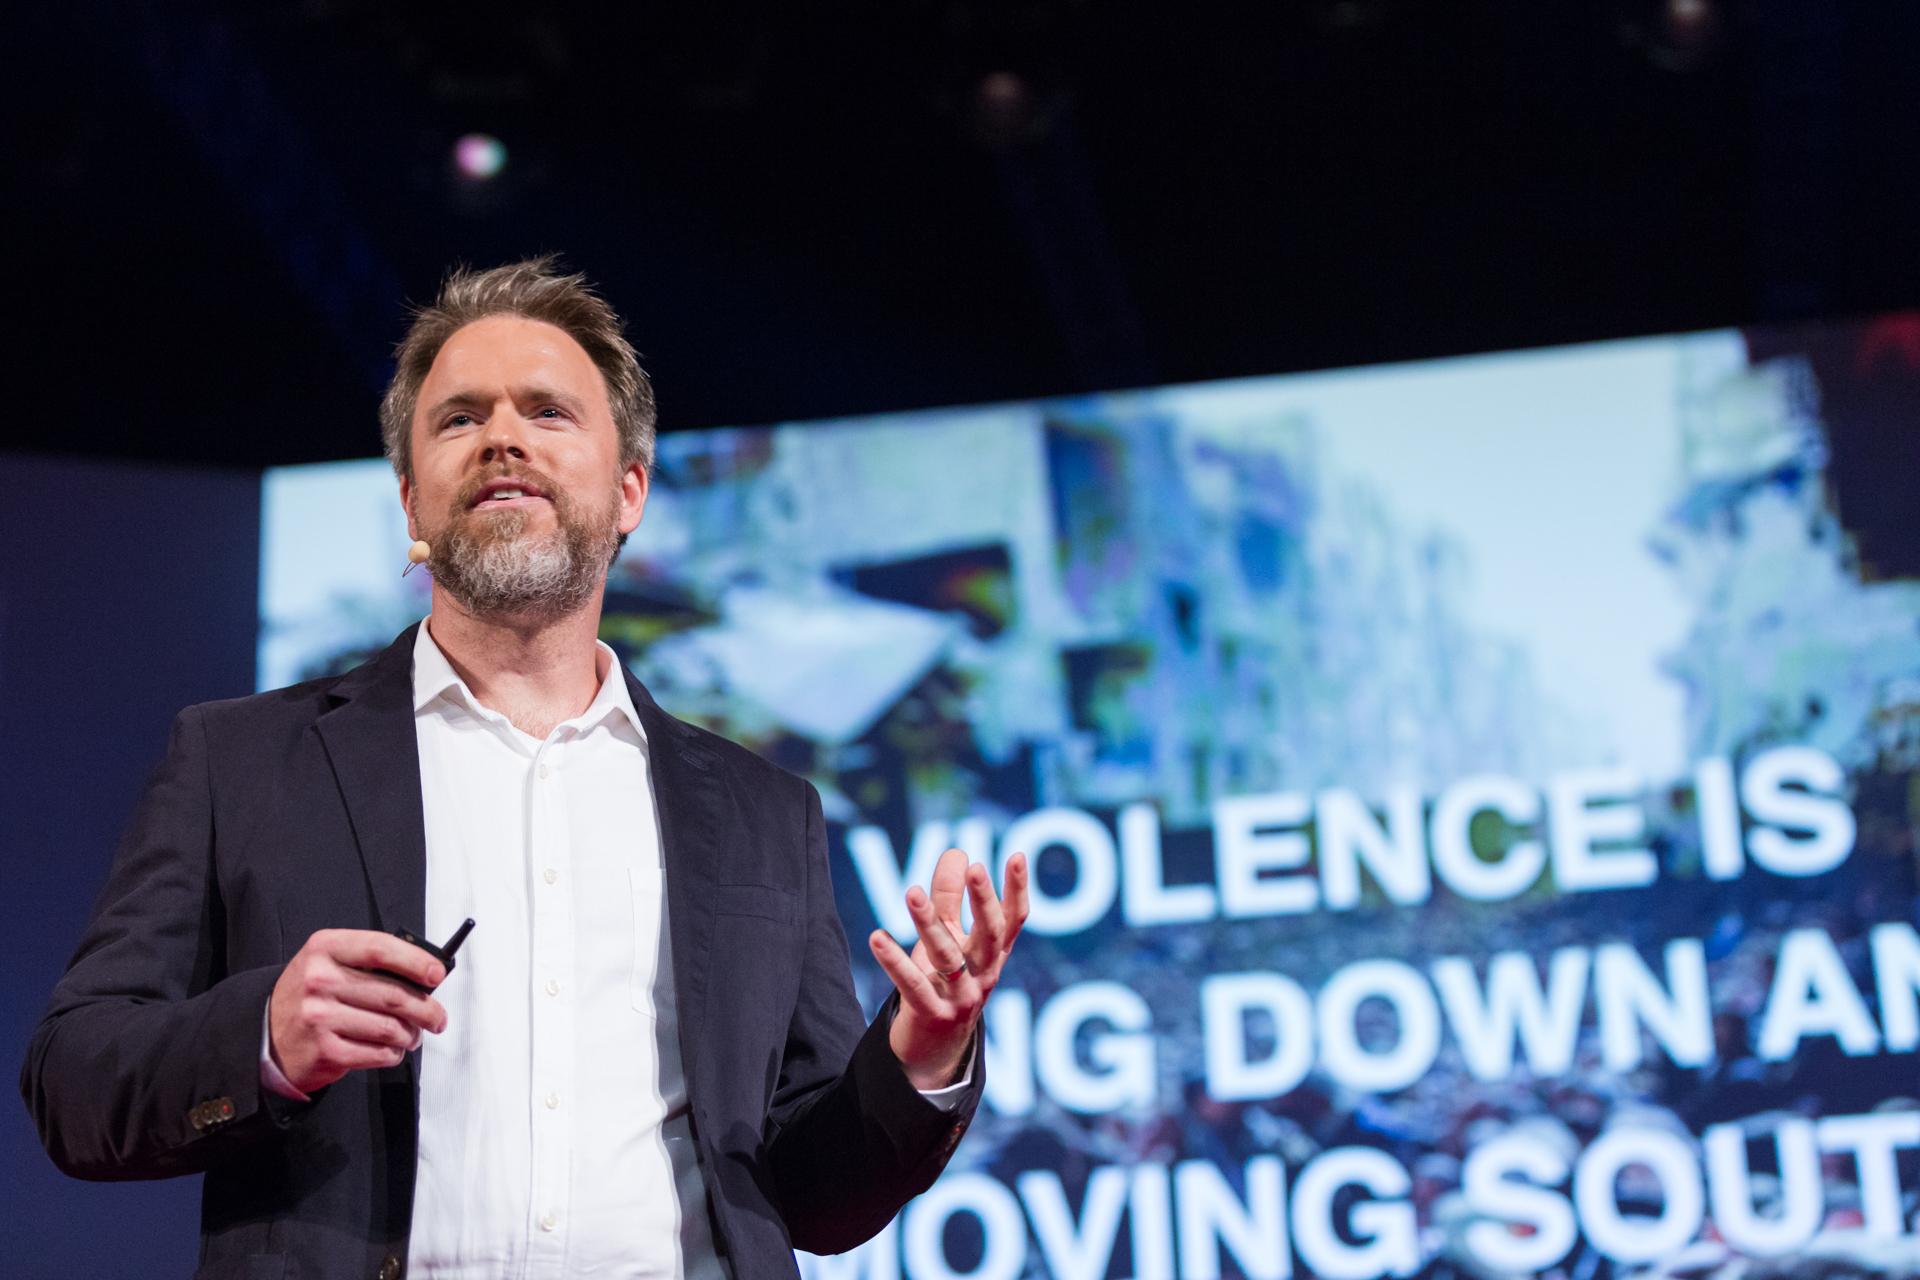 Robert Muggah speaks at TEDGlobal 2014. Photo: James Duncan Davidson/TED